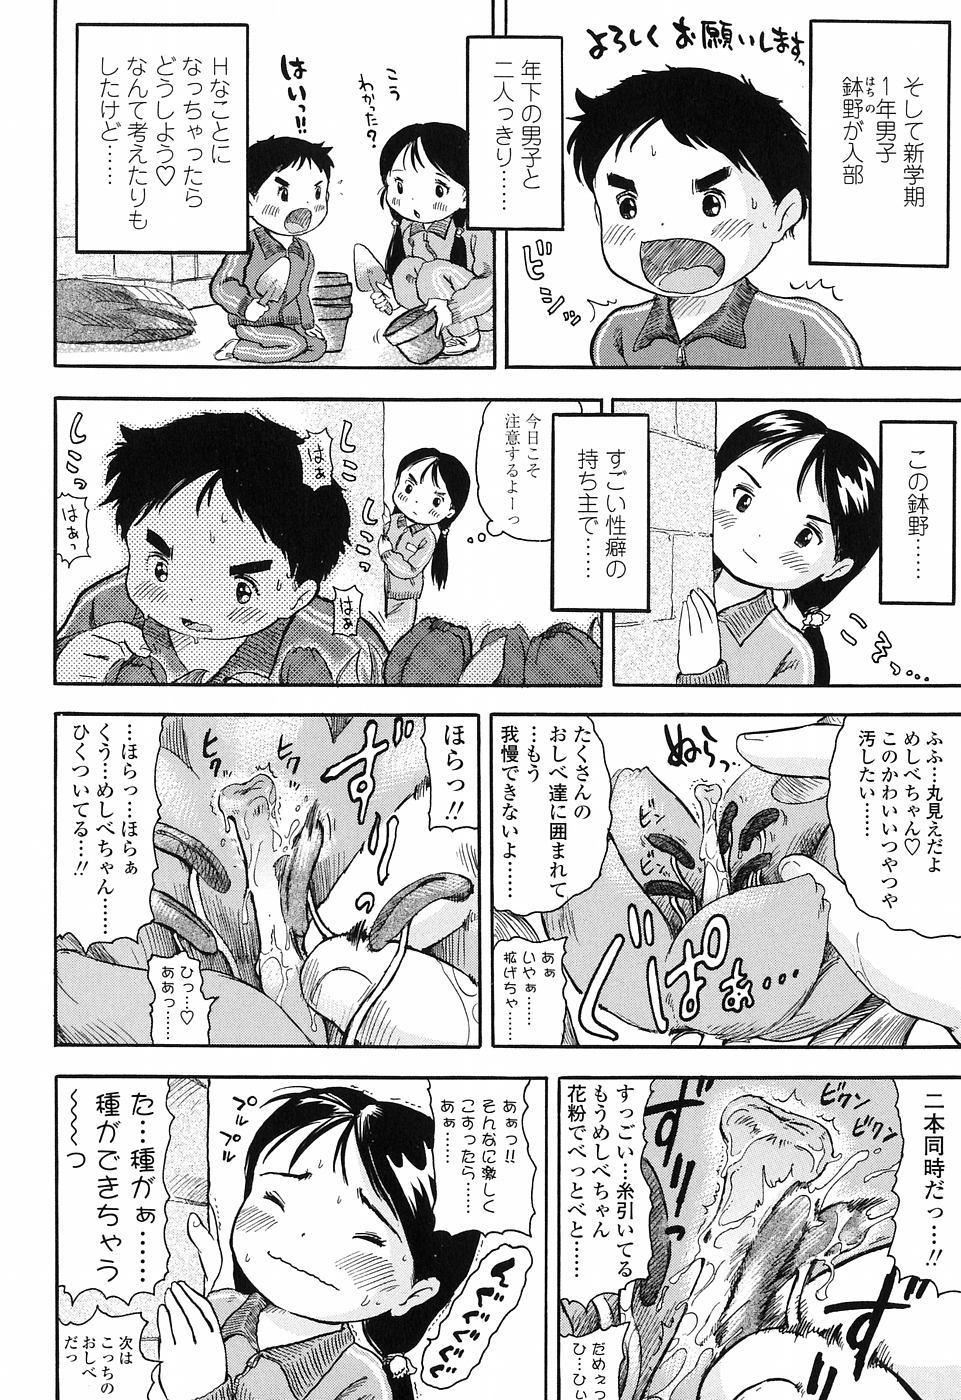 Koisuru Fukurami 163